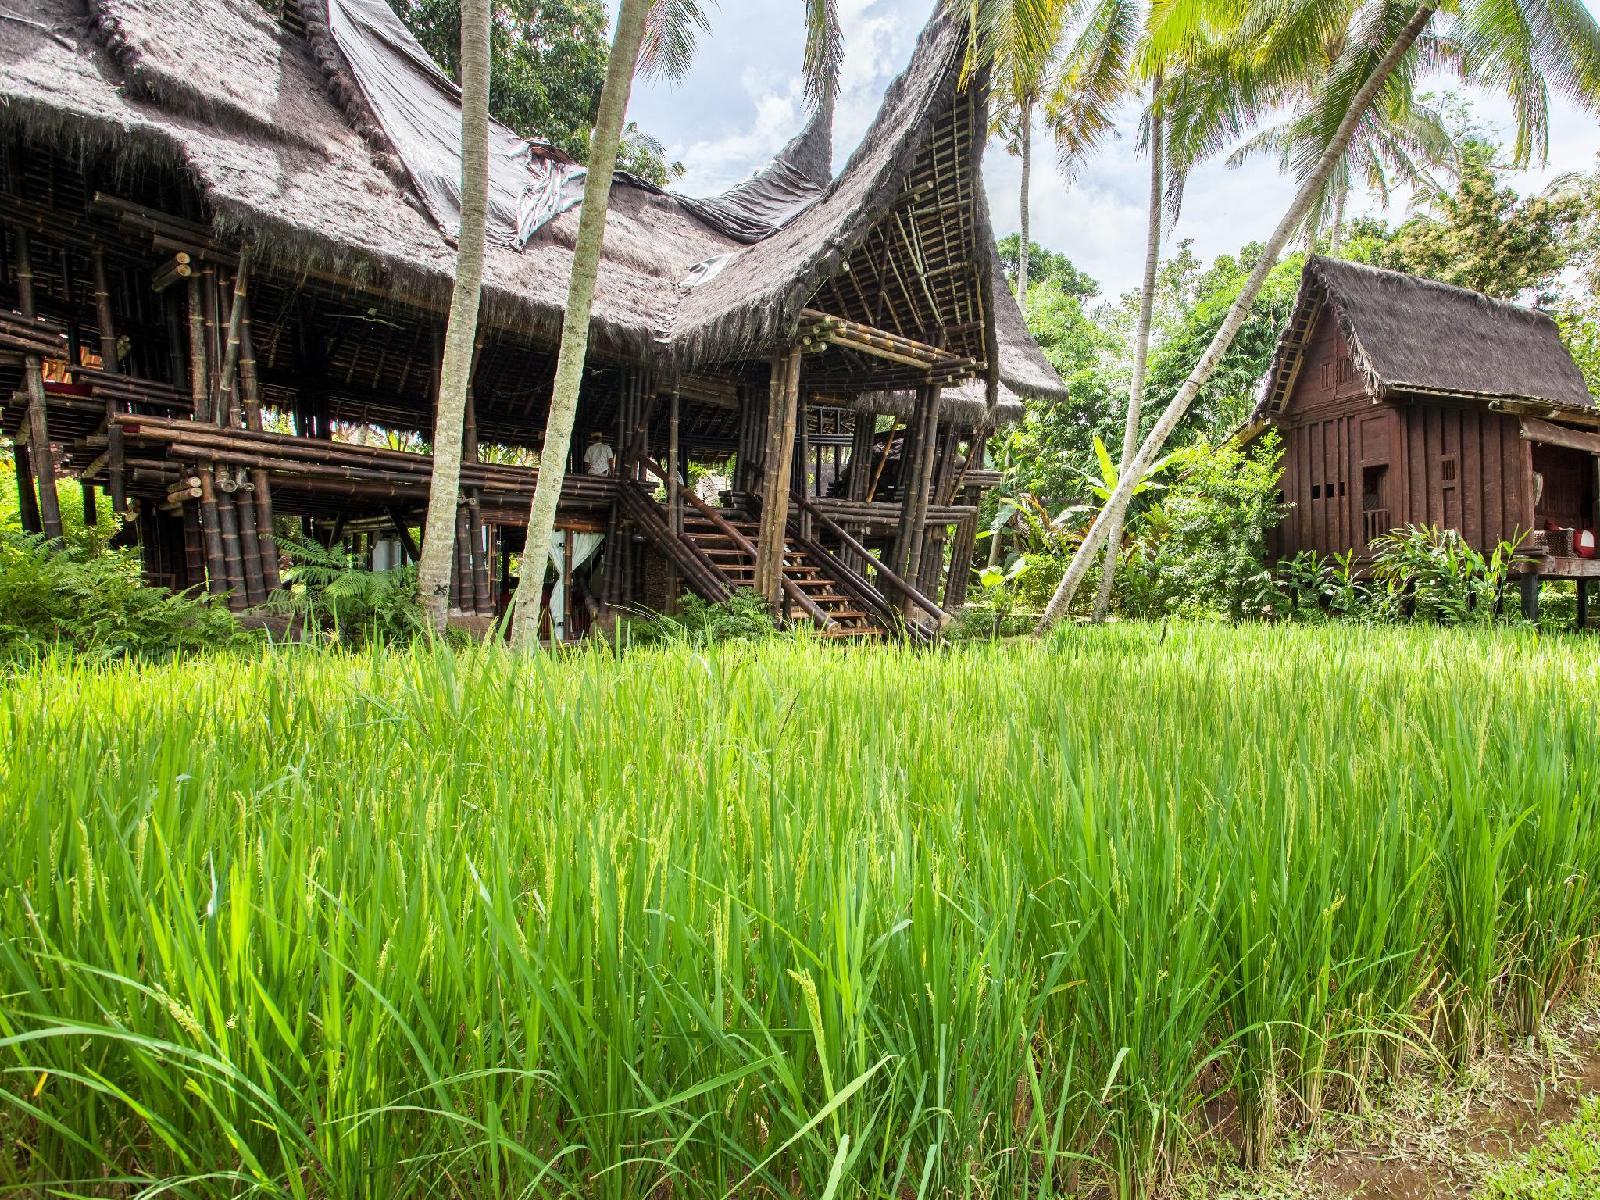 Bambu Indah, Ubud, Bali Image 3